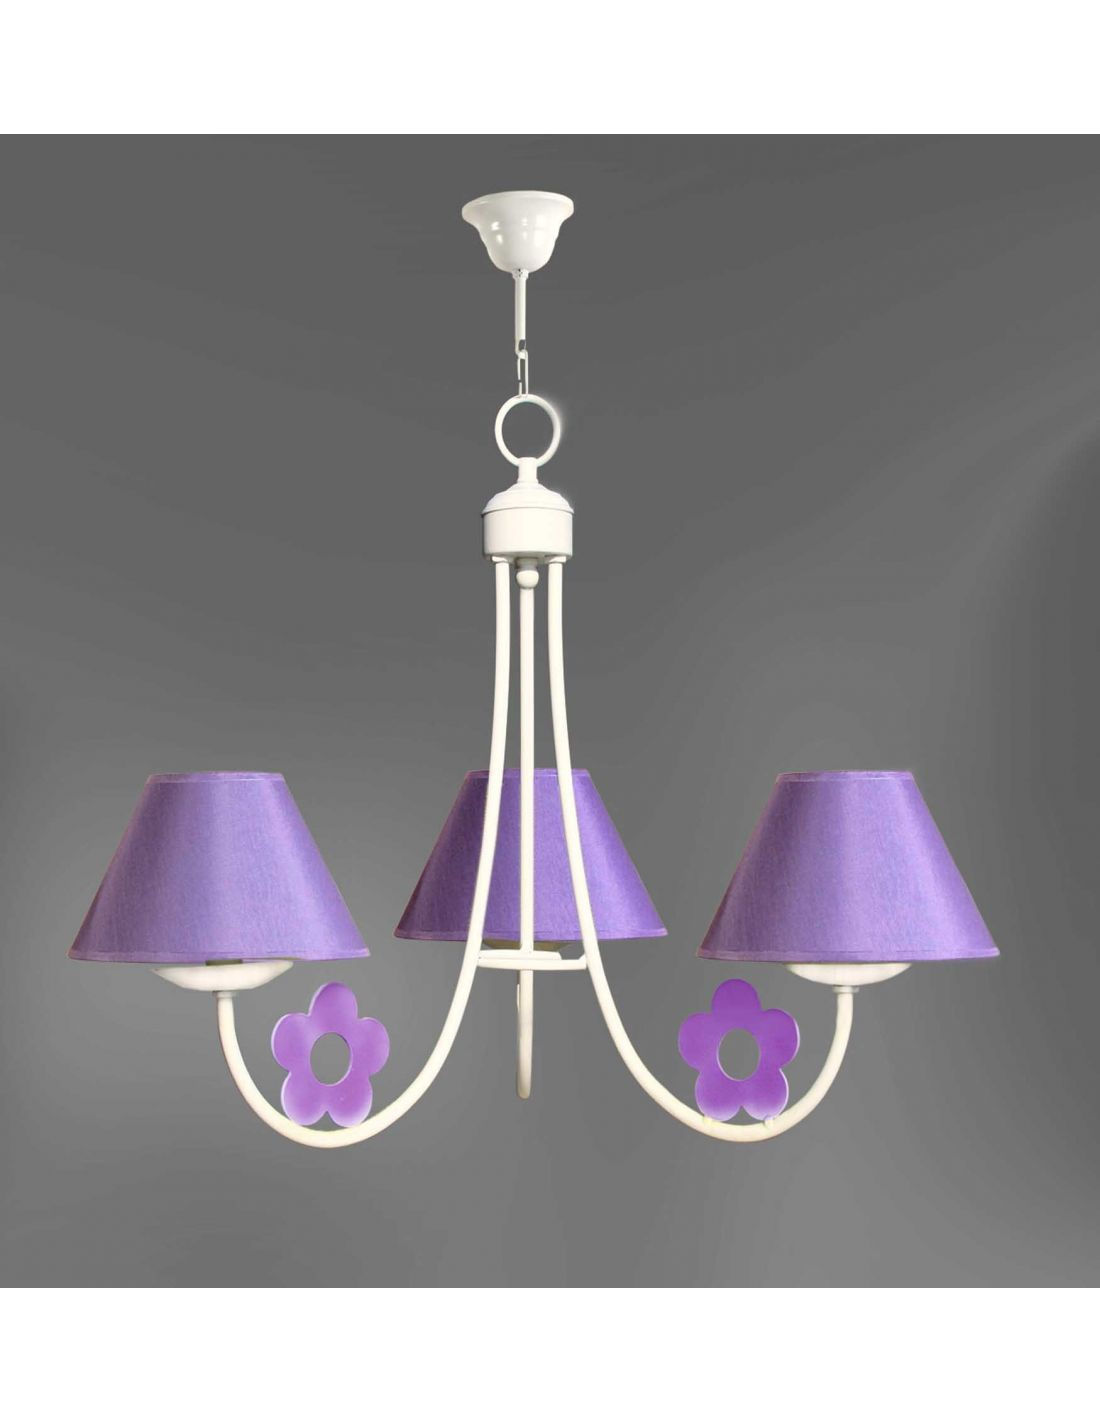 Margarita color lila l mpara con 3 pantallas para - Comprar lamparas de techo ...